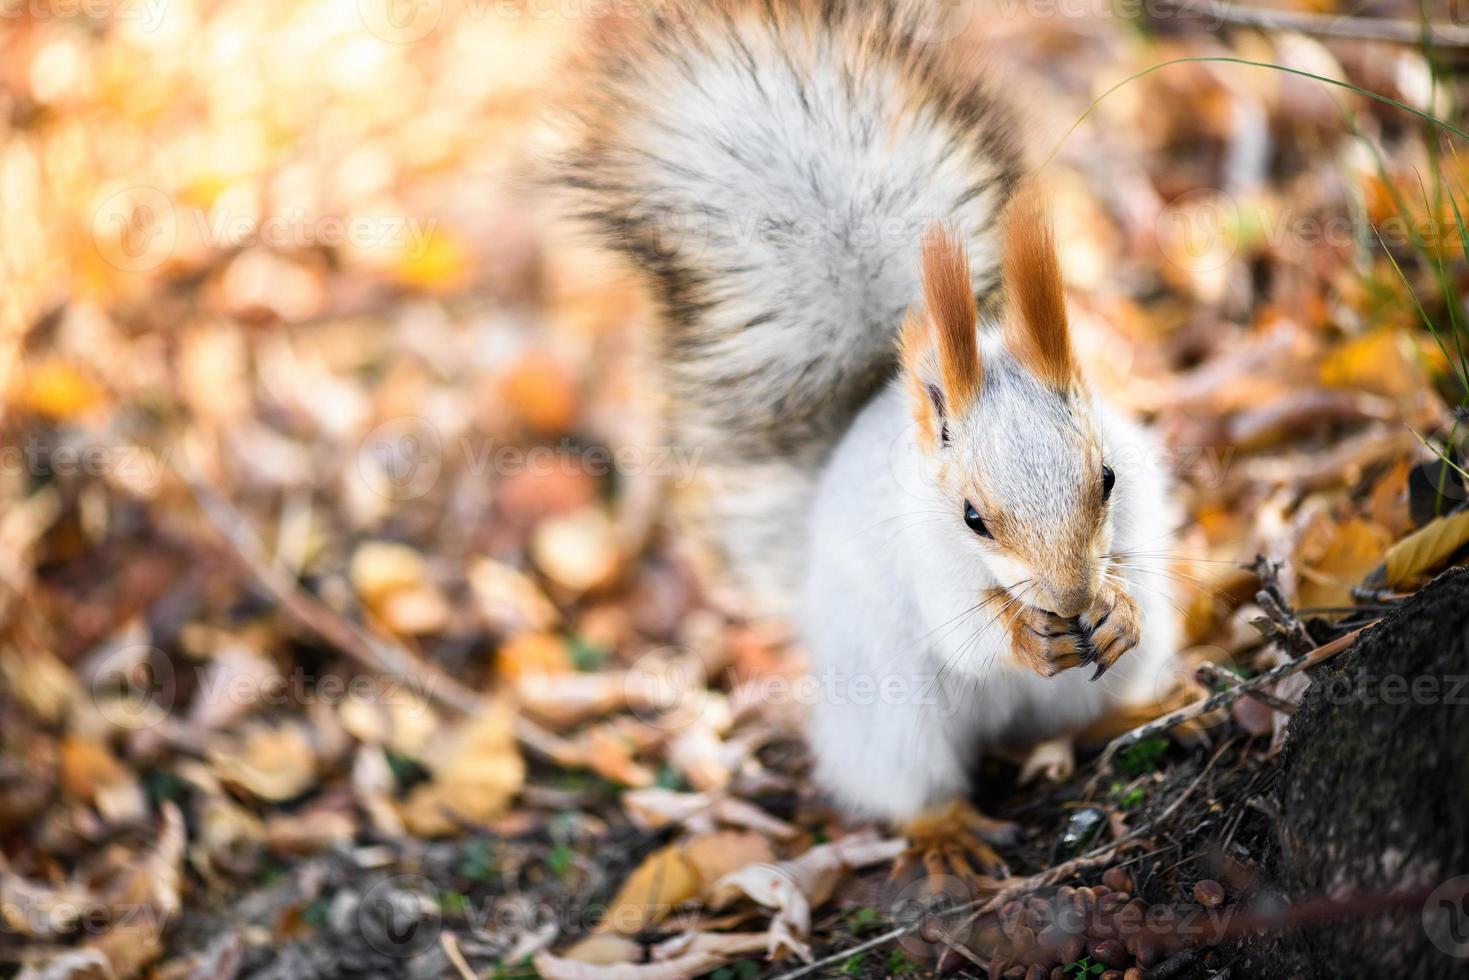 ardilla gris come semillas en otoño bosque foto